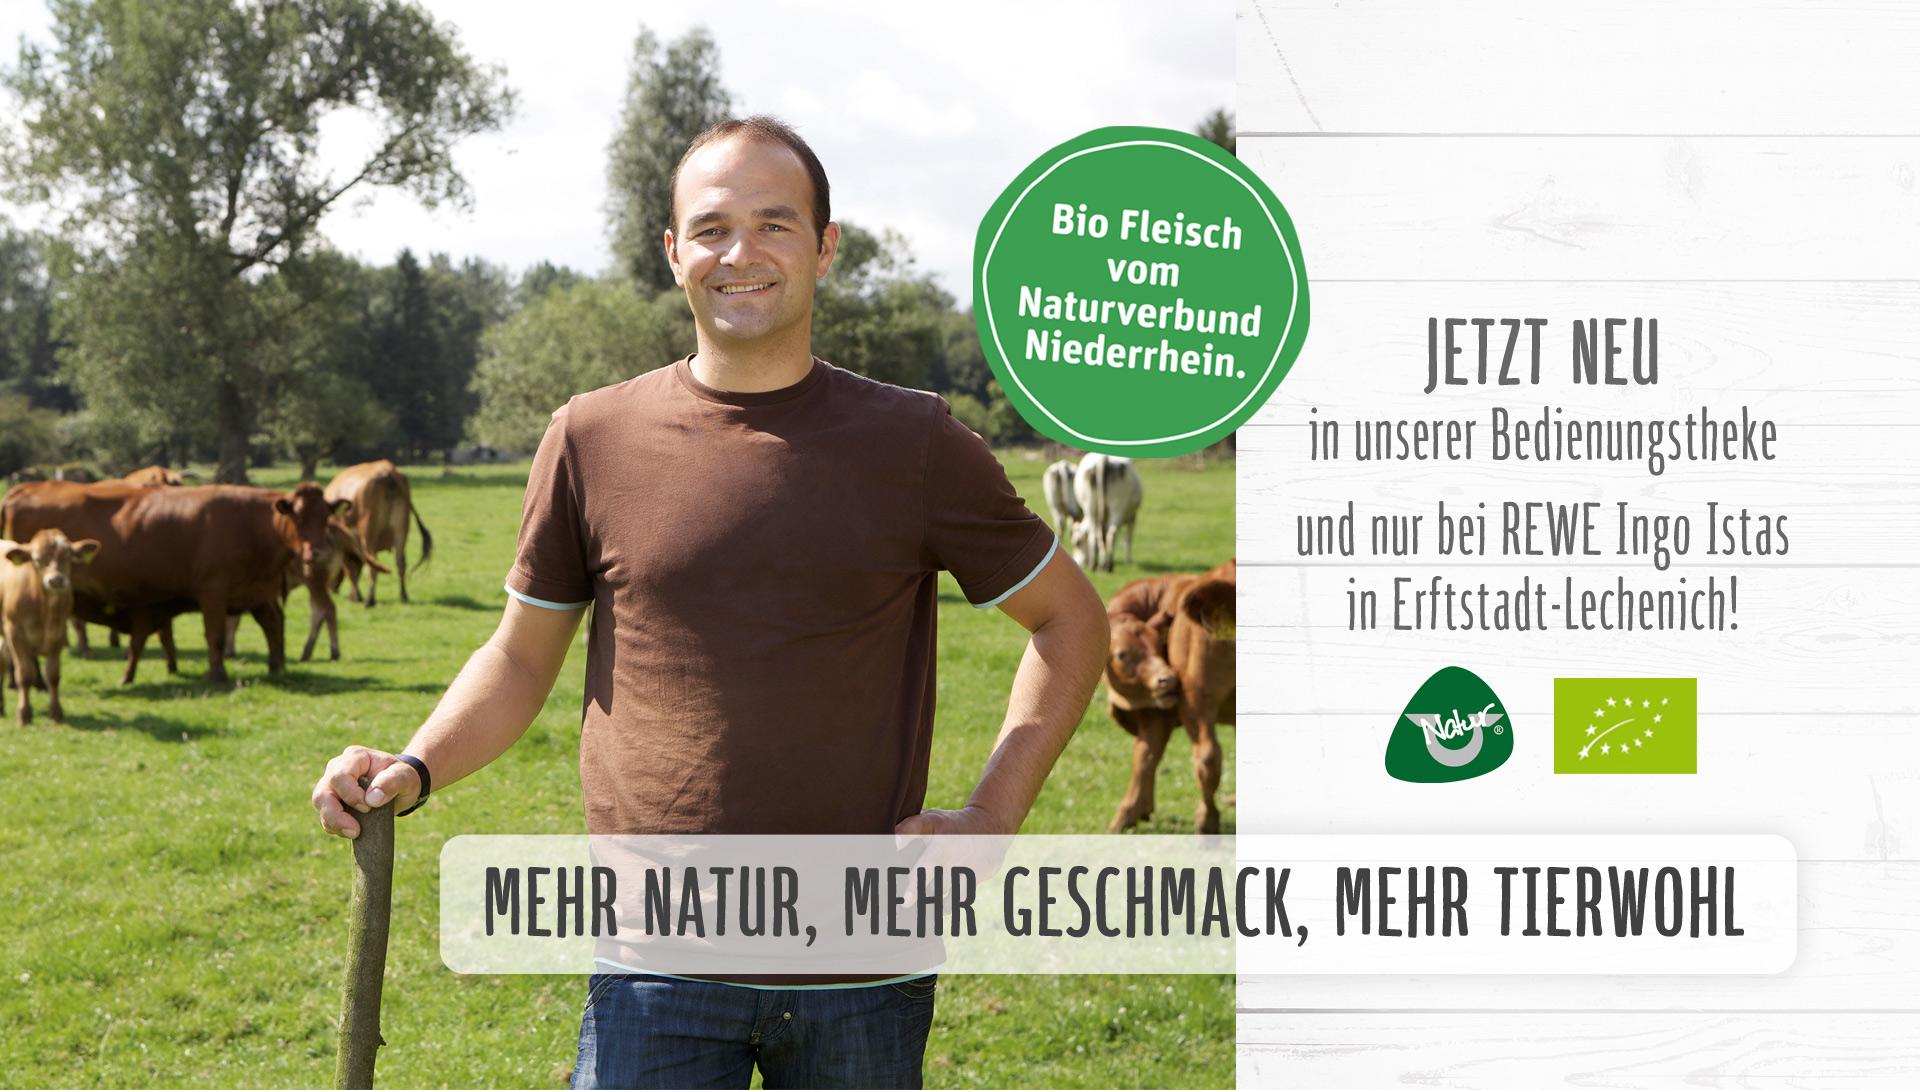 Biofleisch vom Naturverbund Niederrhein